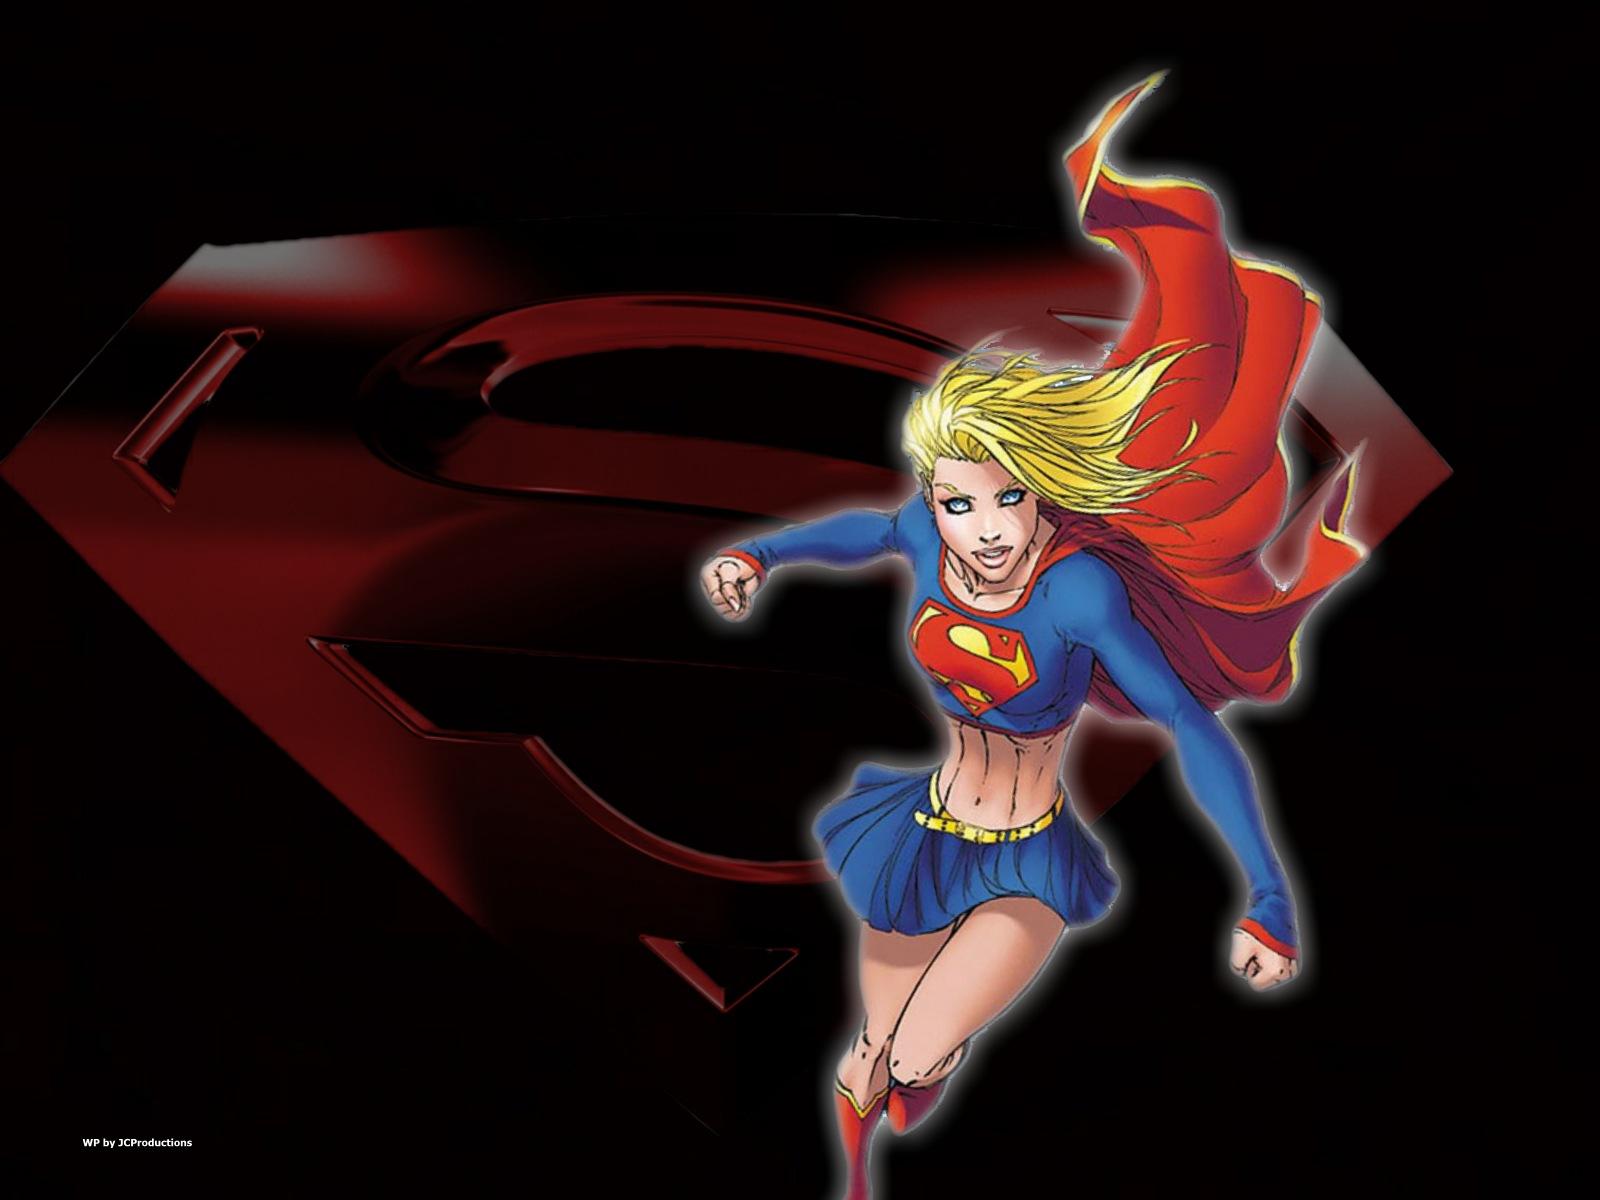 Supergirl   DC Comics Wallpaper 27299193 1600x1200